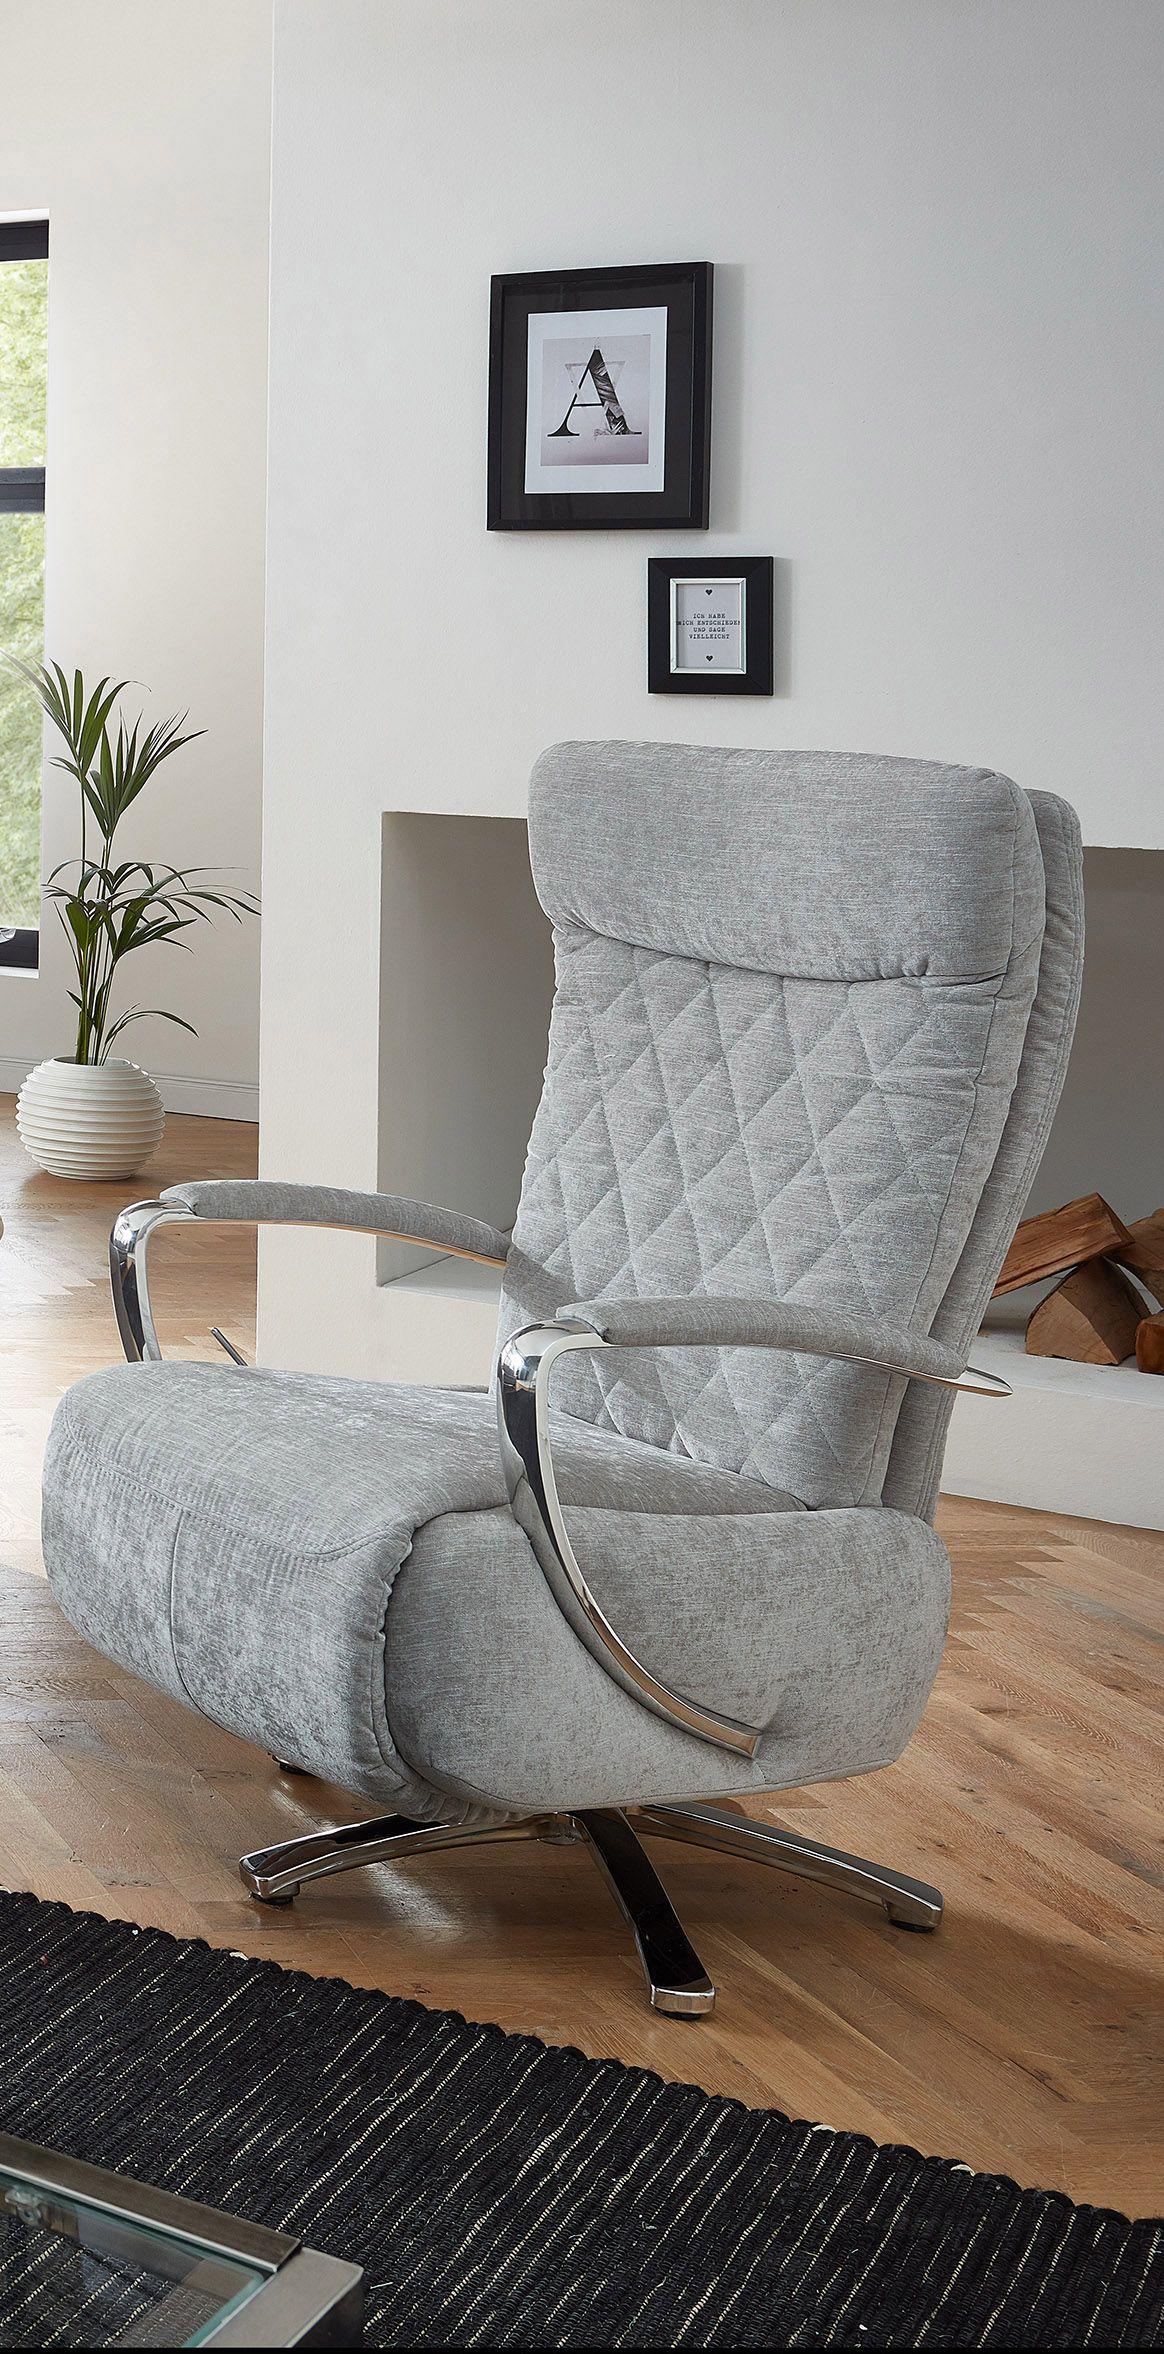 High Quality Relaxsessel Madagaskar   Aufregend Silbern Und Mit Einer Rautenförmigen  Steppung In Der Rückenlehne Weiß Der Sessel Home Design Ideas